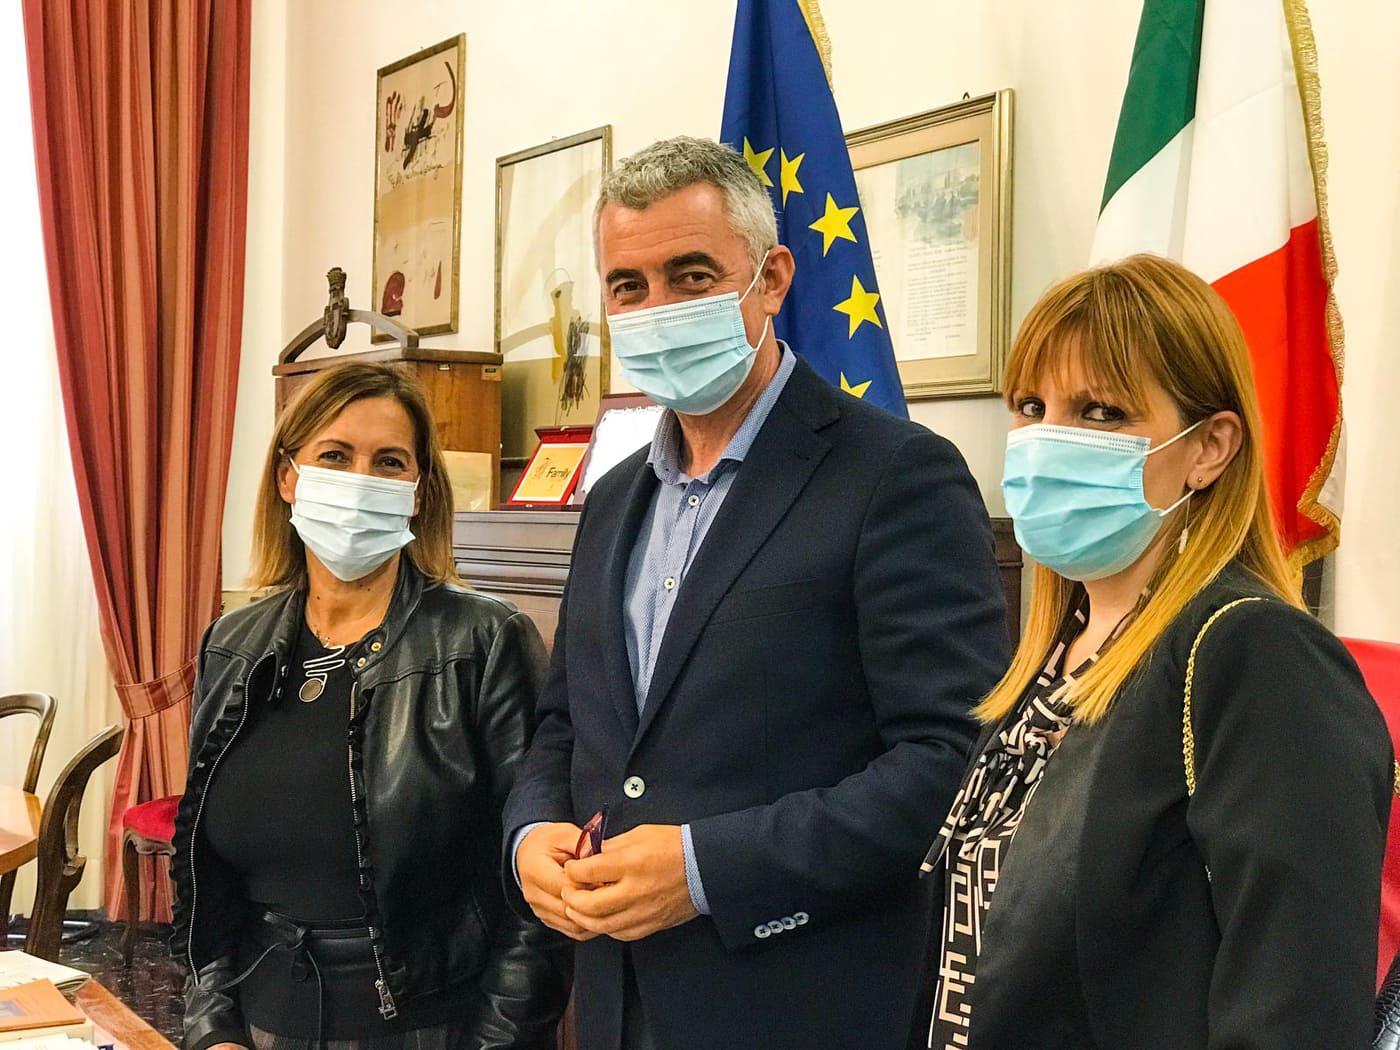 Fondazione Alghero Sara Govoni Nuovo Membro Del Consiglio Di Amministrazione Sardegna